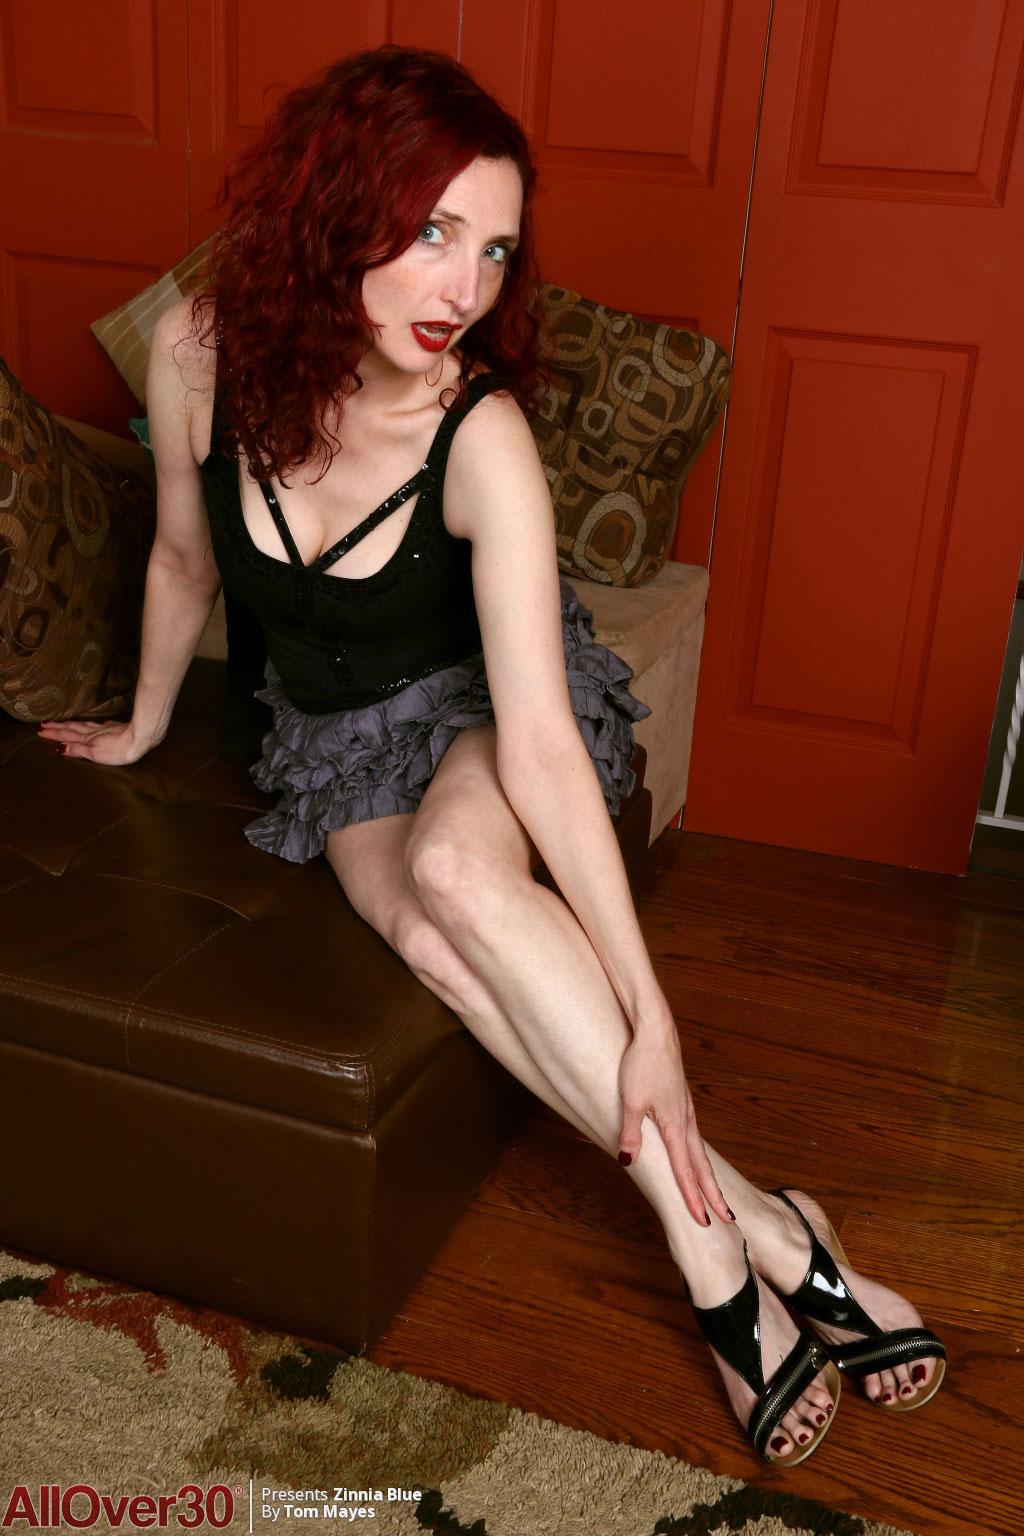 Zinnia Blue Leggy Red Hot Mature